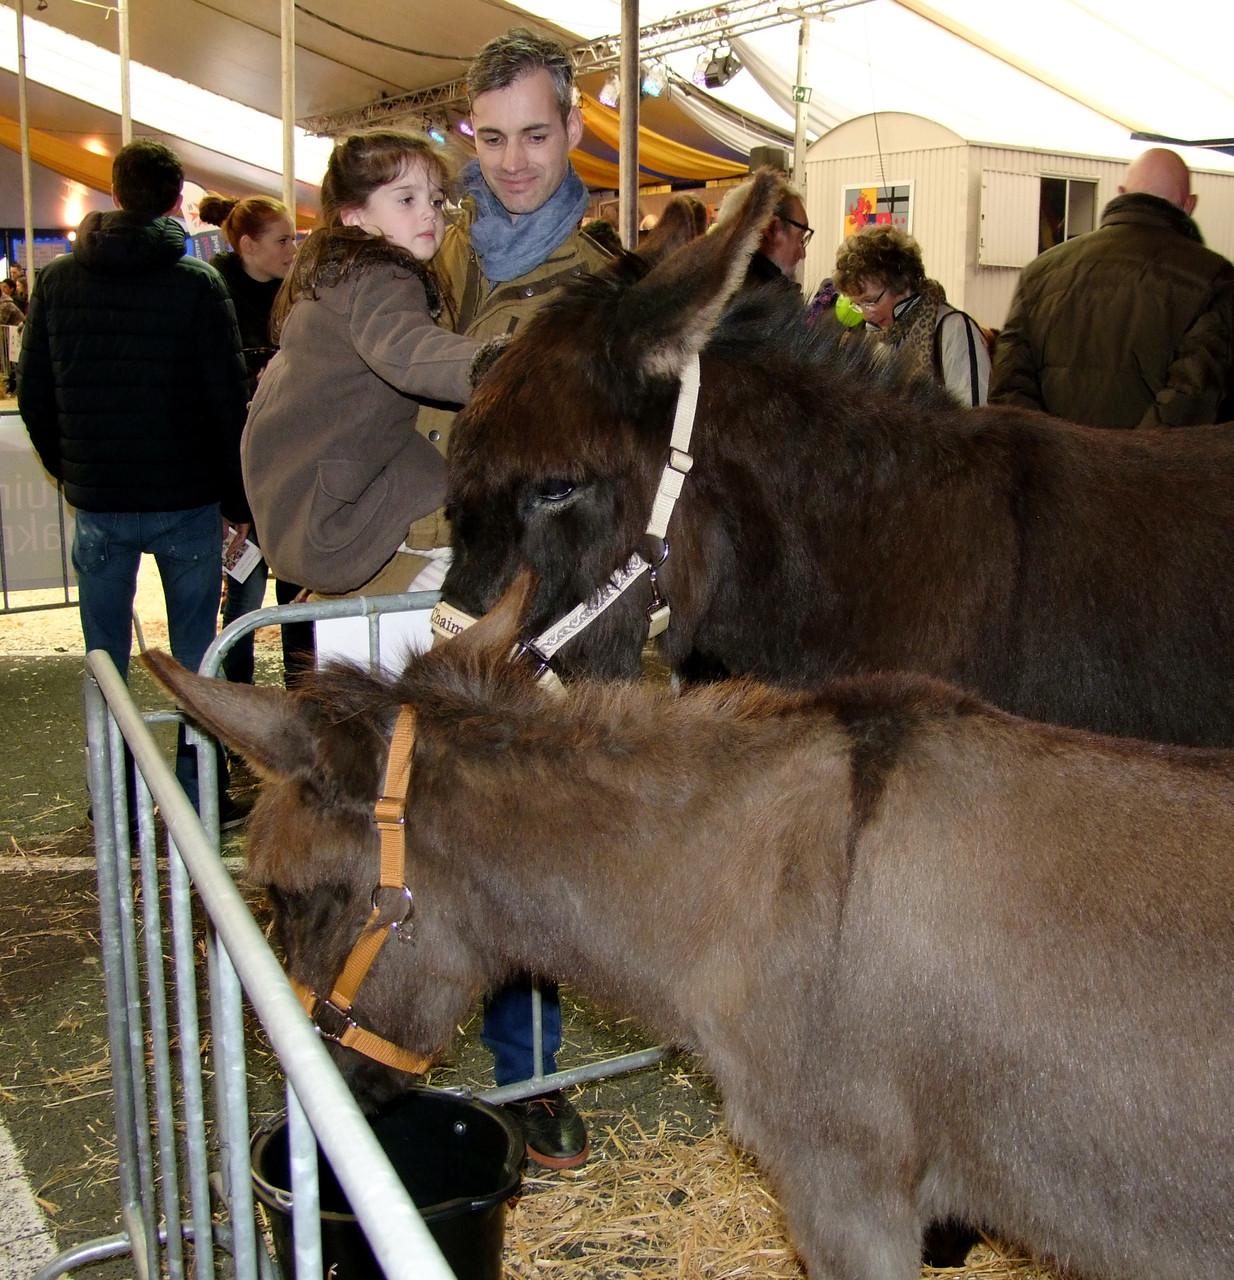 Gehandicapte Menschen finden schnell einen Zugang zu den sanften Eseln